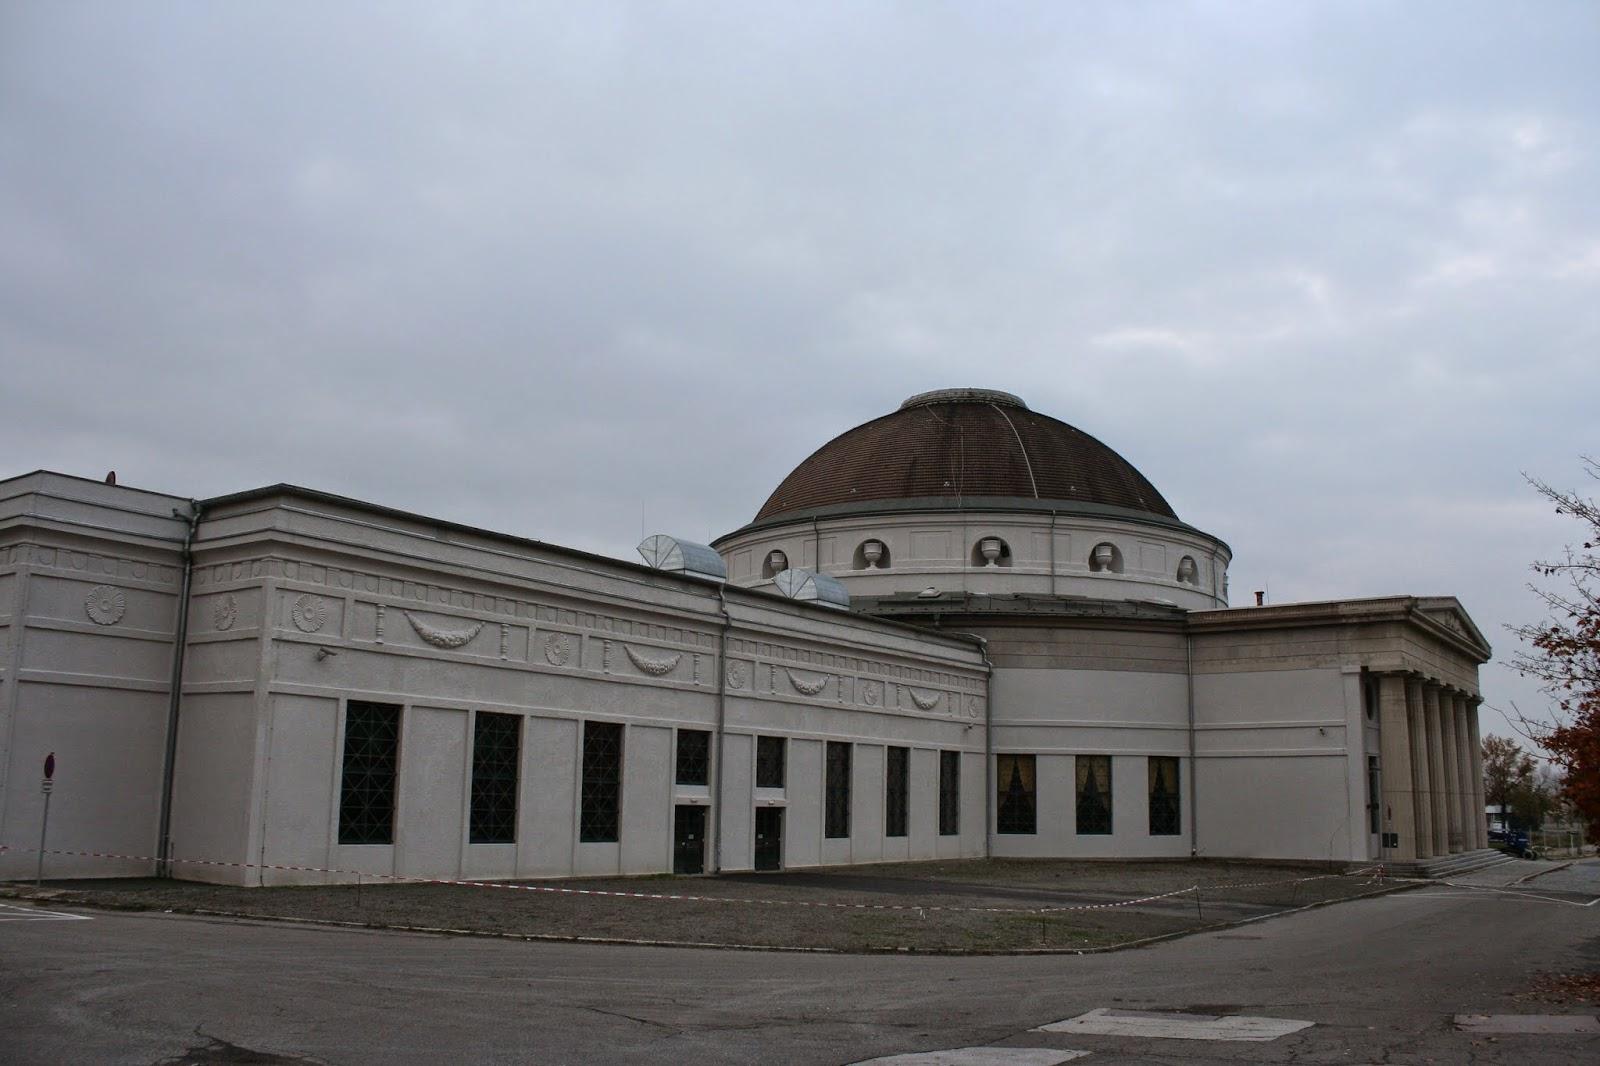 Der Kreis'sche Kuppelbau ist eines von 3 denkmalgeschützten Gebäuden auf der Alten Messe - wurde 1913 gebaut